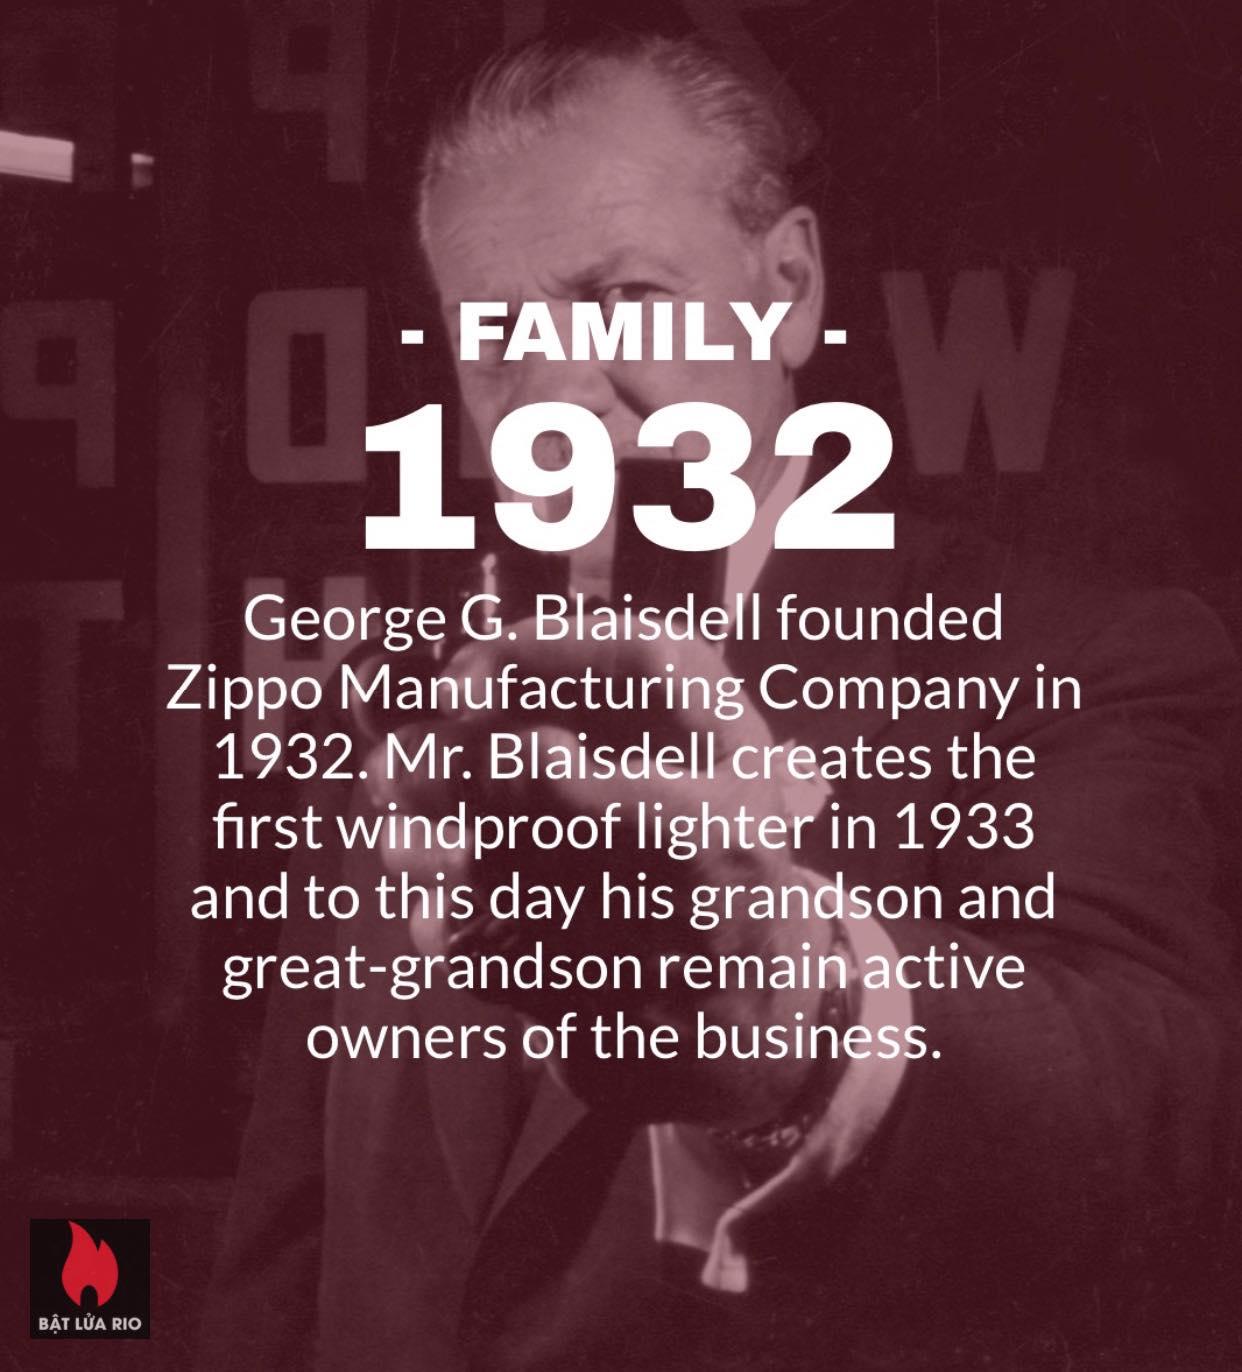 Chiếc bật lửa Zippo thứ 600 triệu trong lịch sử 10